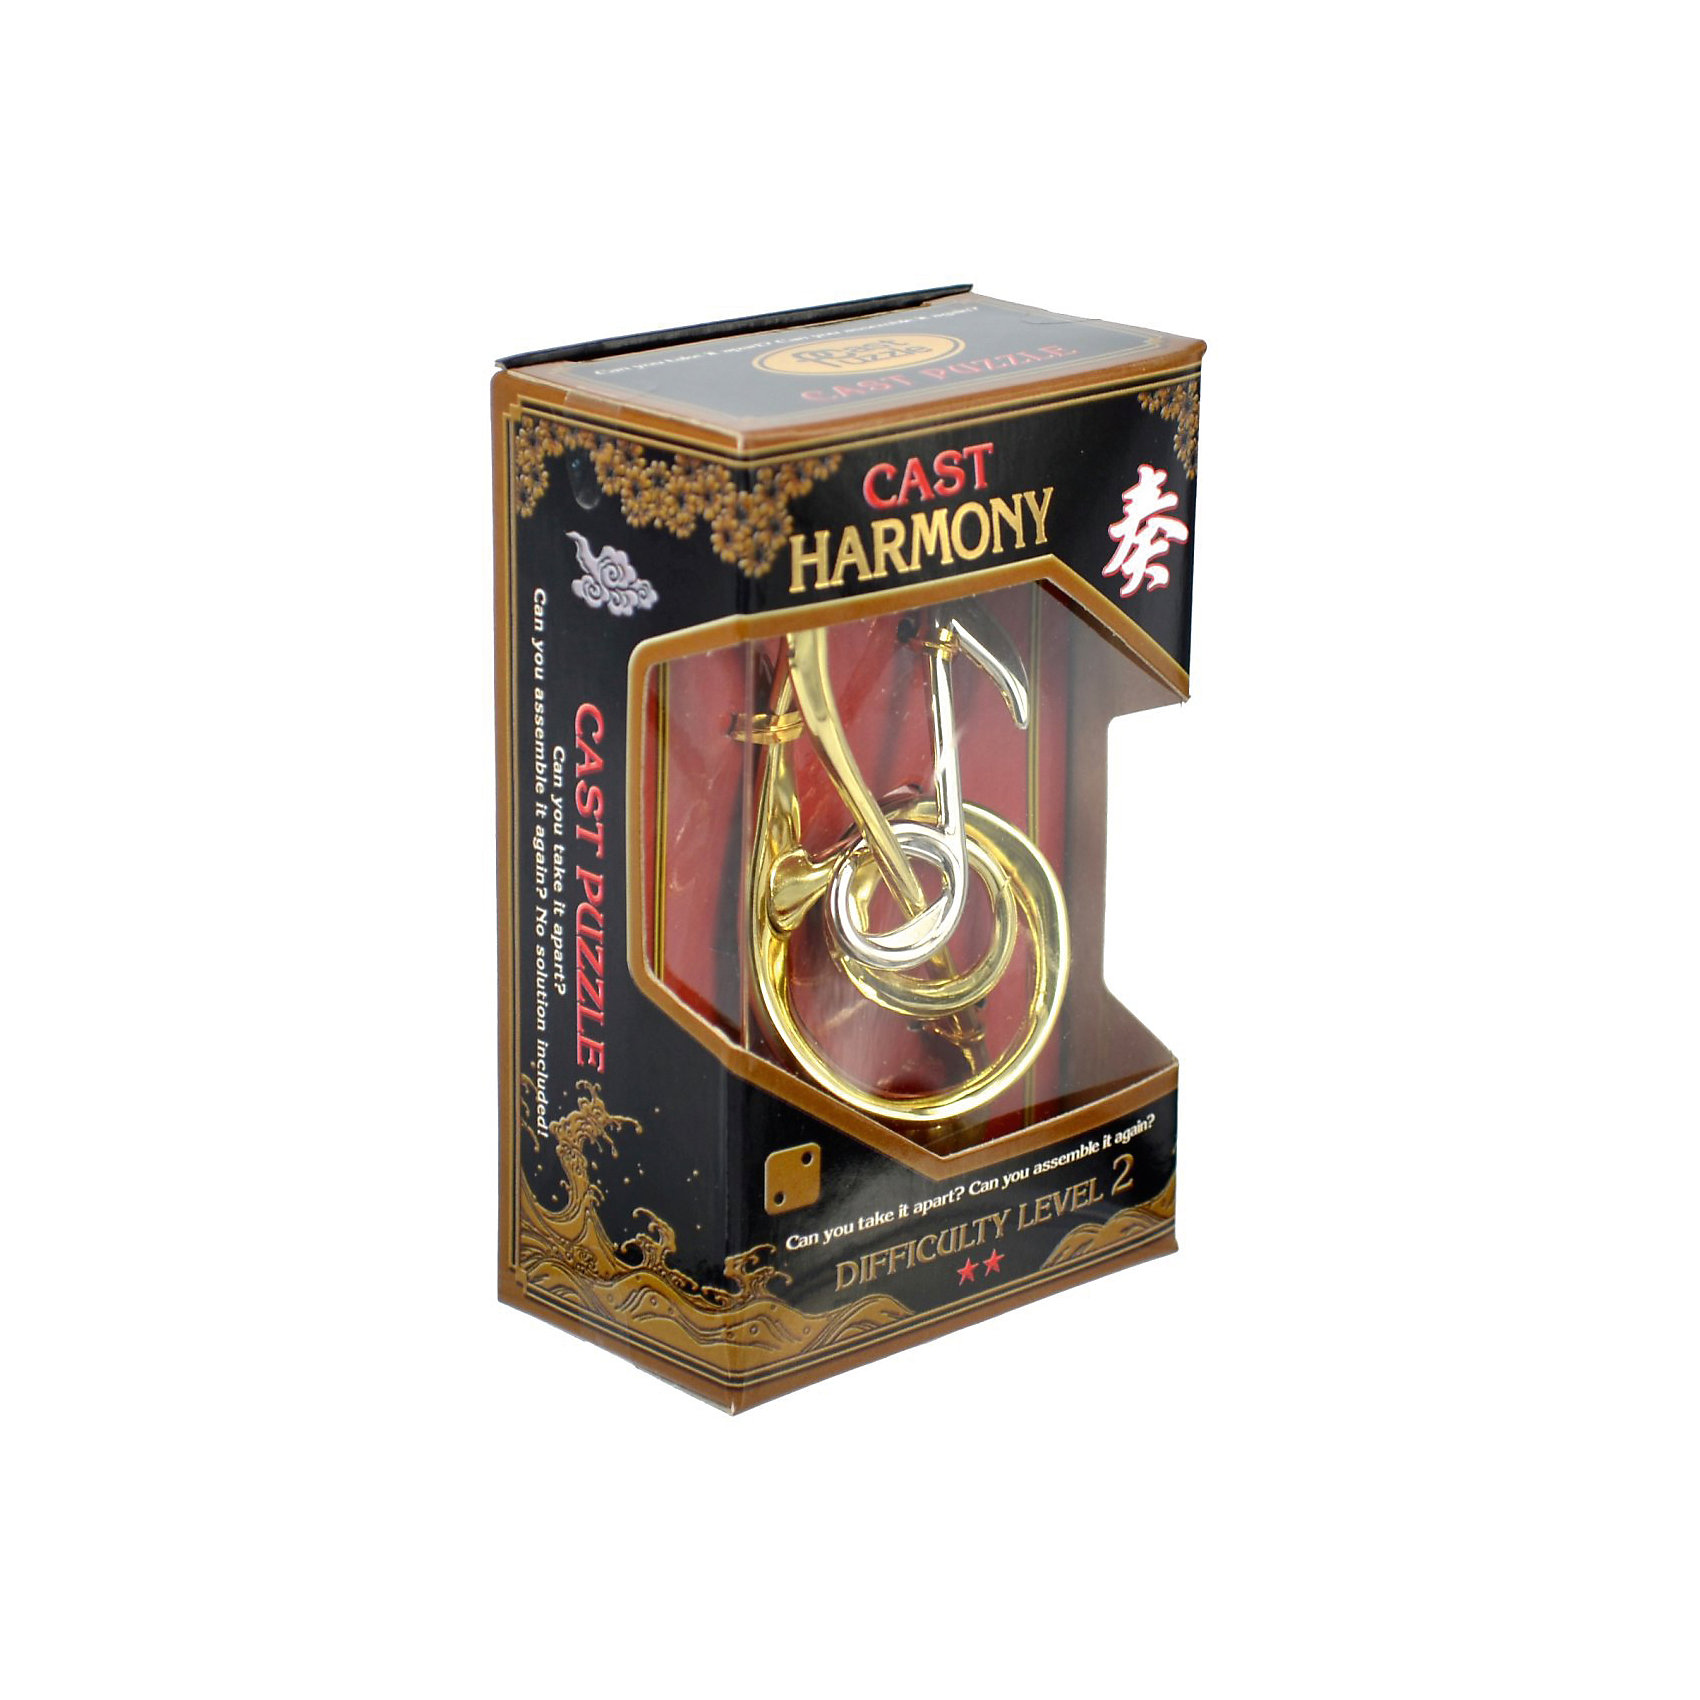 Головоломка Гармония, Hanayama Cast PuzzleЖелезные головоломки<br>Характеристики:<br><br>• возраст: от 5 лет;<br>• уровень сложности: 2;<br>• материал: металл;<br>• размер головоломки: 10х5х2 см;<br>• размер упаковки: 12х7,5х4,5 см;<br>• вес: 89 г;<br>• тип упаковки: коробка с окошком.<br><br>Головоломка - это прекрасный инструмент для ума, вырабатывающий неординарное видение. Увлекательное занятие для детей и взрослых разнообразит досуг.<br><br>В головоломке «Гармония» изящно переплетаются скрипичный ключ и нота. Чтобы решить головоломку, необходимо разделить ее на части и снова собрать. <br><br>Развивающие занятия стимулируют логику, пространственное мышление и тренируют мелкую моторику.<br><br>Головоломку «Гармония», Hanayama Cast Puzzle можно приобрести в нашем интернет-магазине.<br><br>Ширина мм: 45<br>Глубина мм: 75<br>Высота мм: 120<br>Вес г: 89<br>Возраст от месяцев: 36<br>Возраст до месяцев: 2147483647<br>Пол: Унисекс<br>Возраст: Детский<br>SKU: 7025976